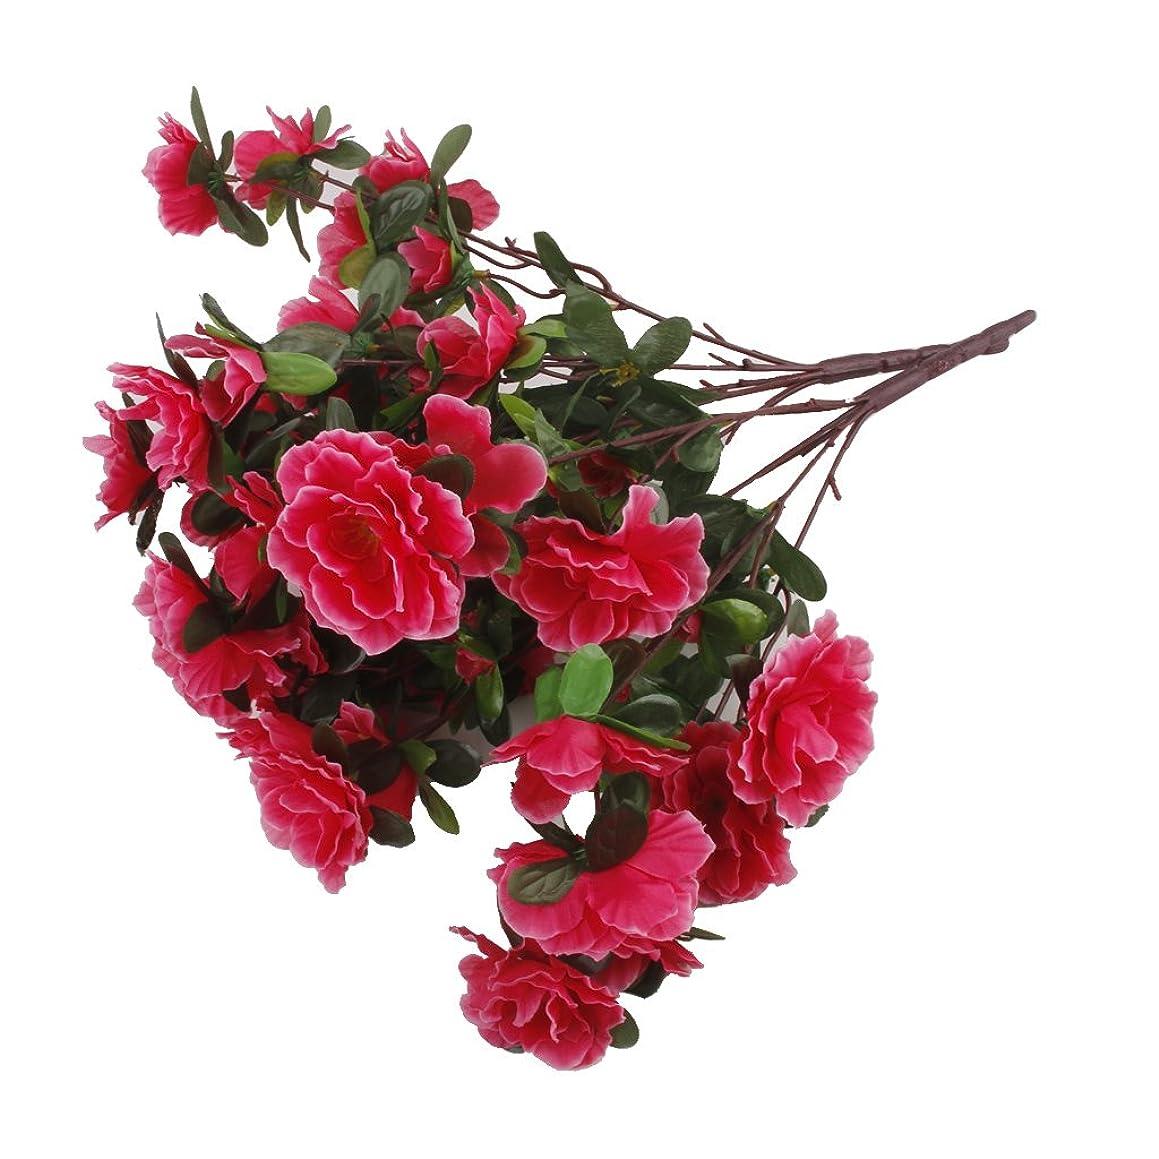 実質的に摂動全滅させる2房偽のツツジ造花花束結婚式の家の装飾は、赤いバラ